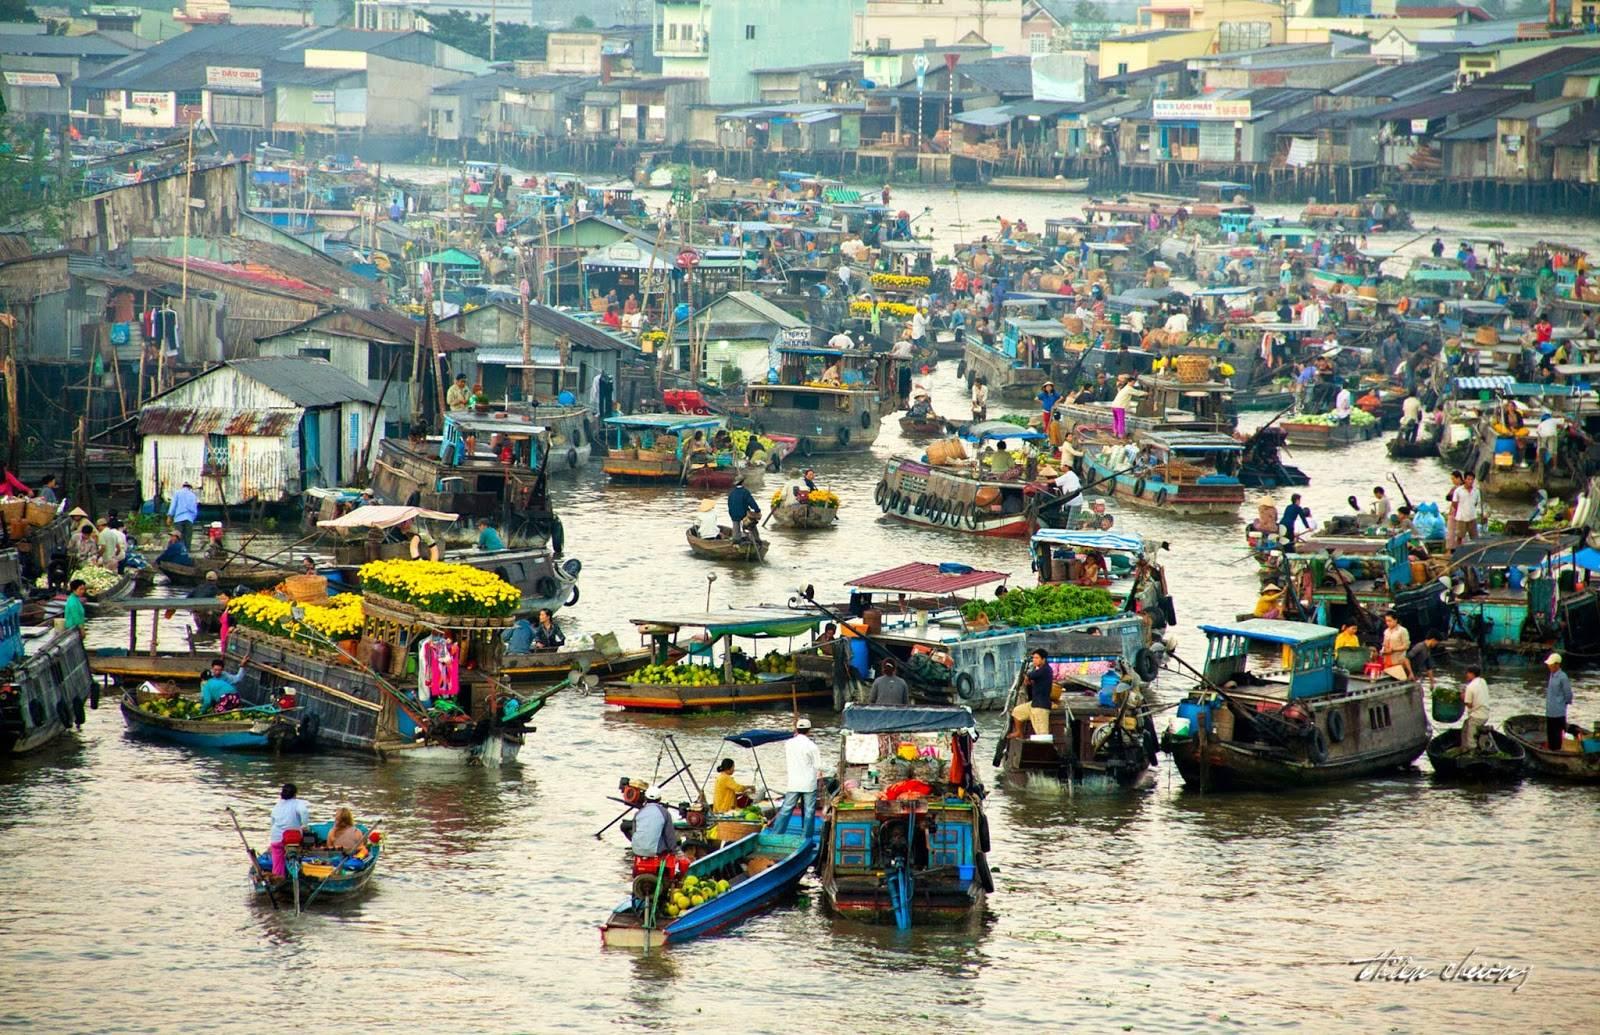 mekong Delta - vietnam in december